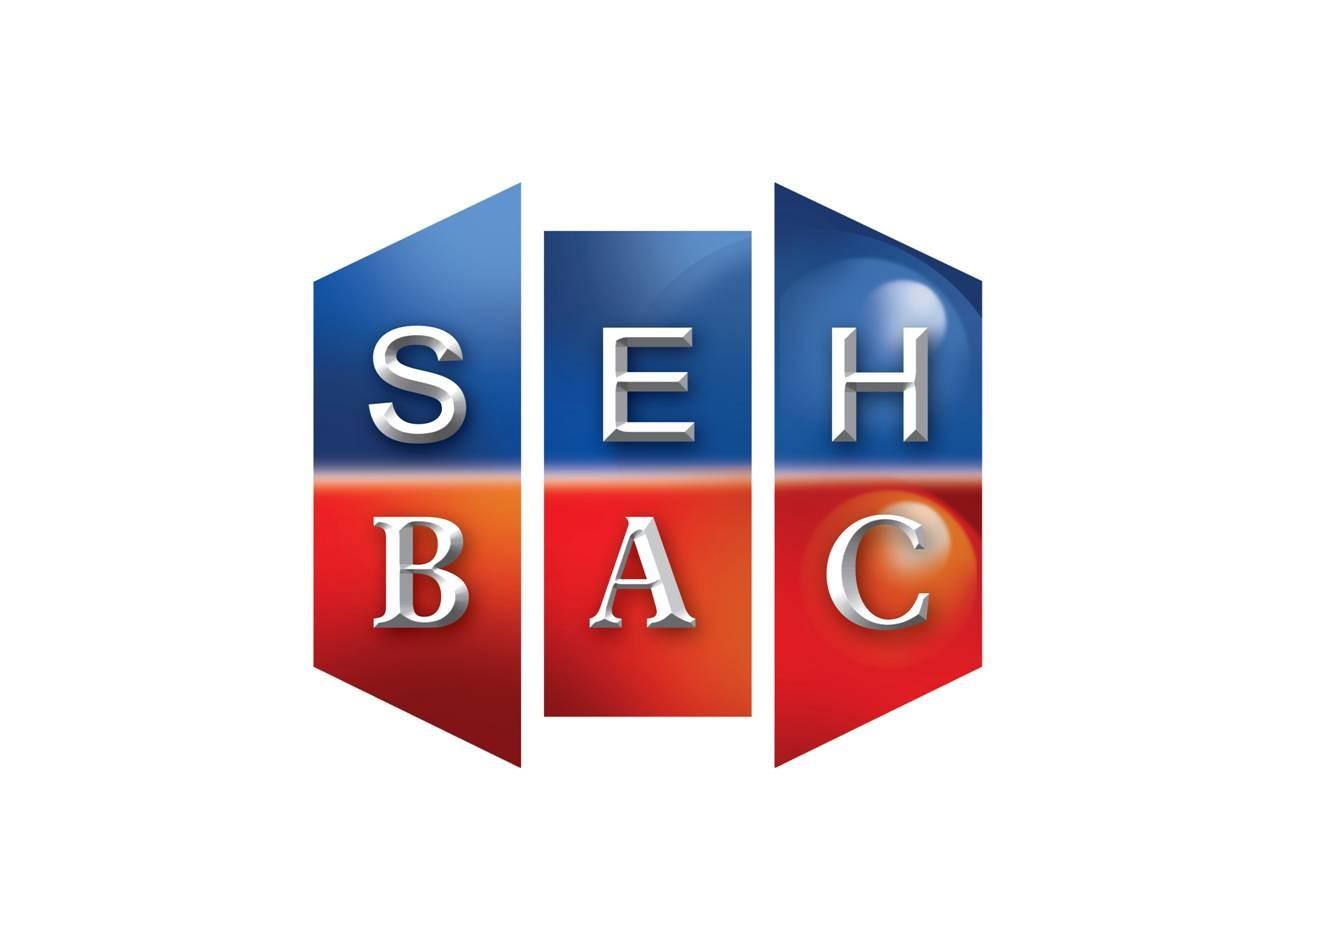 Sehbac Conservatory Installer In Chelmsford Essex Installer